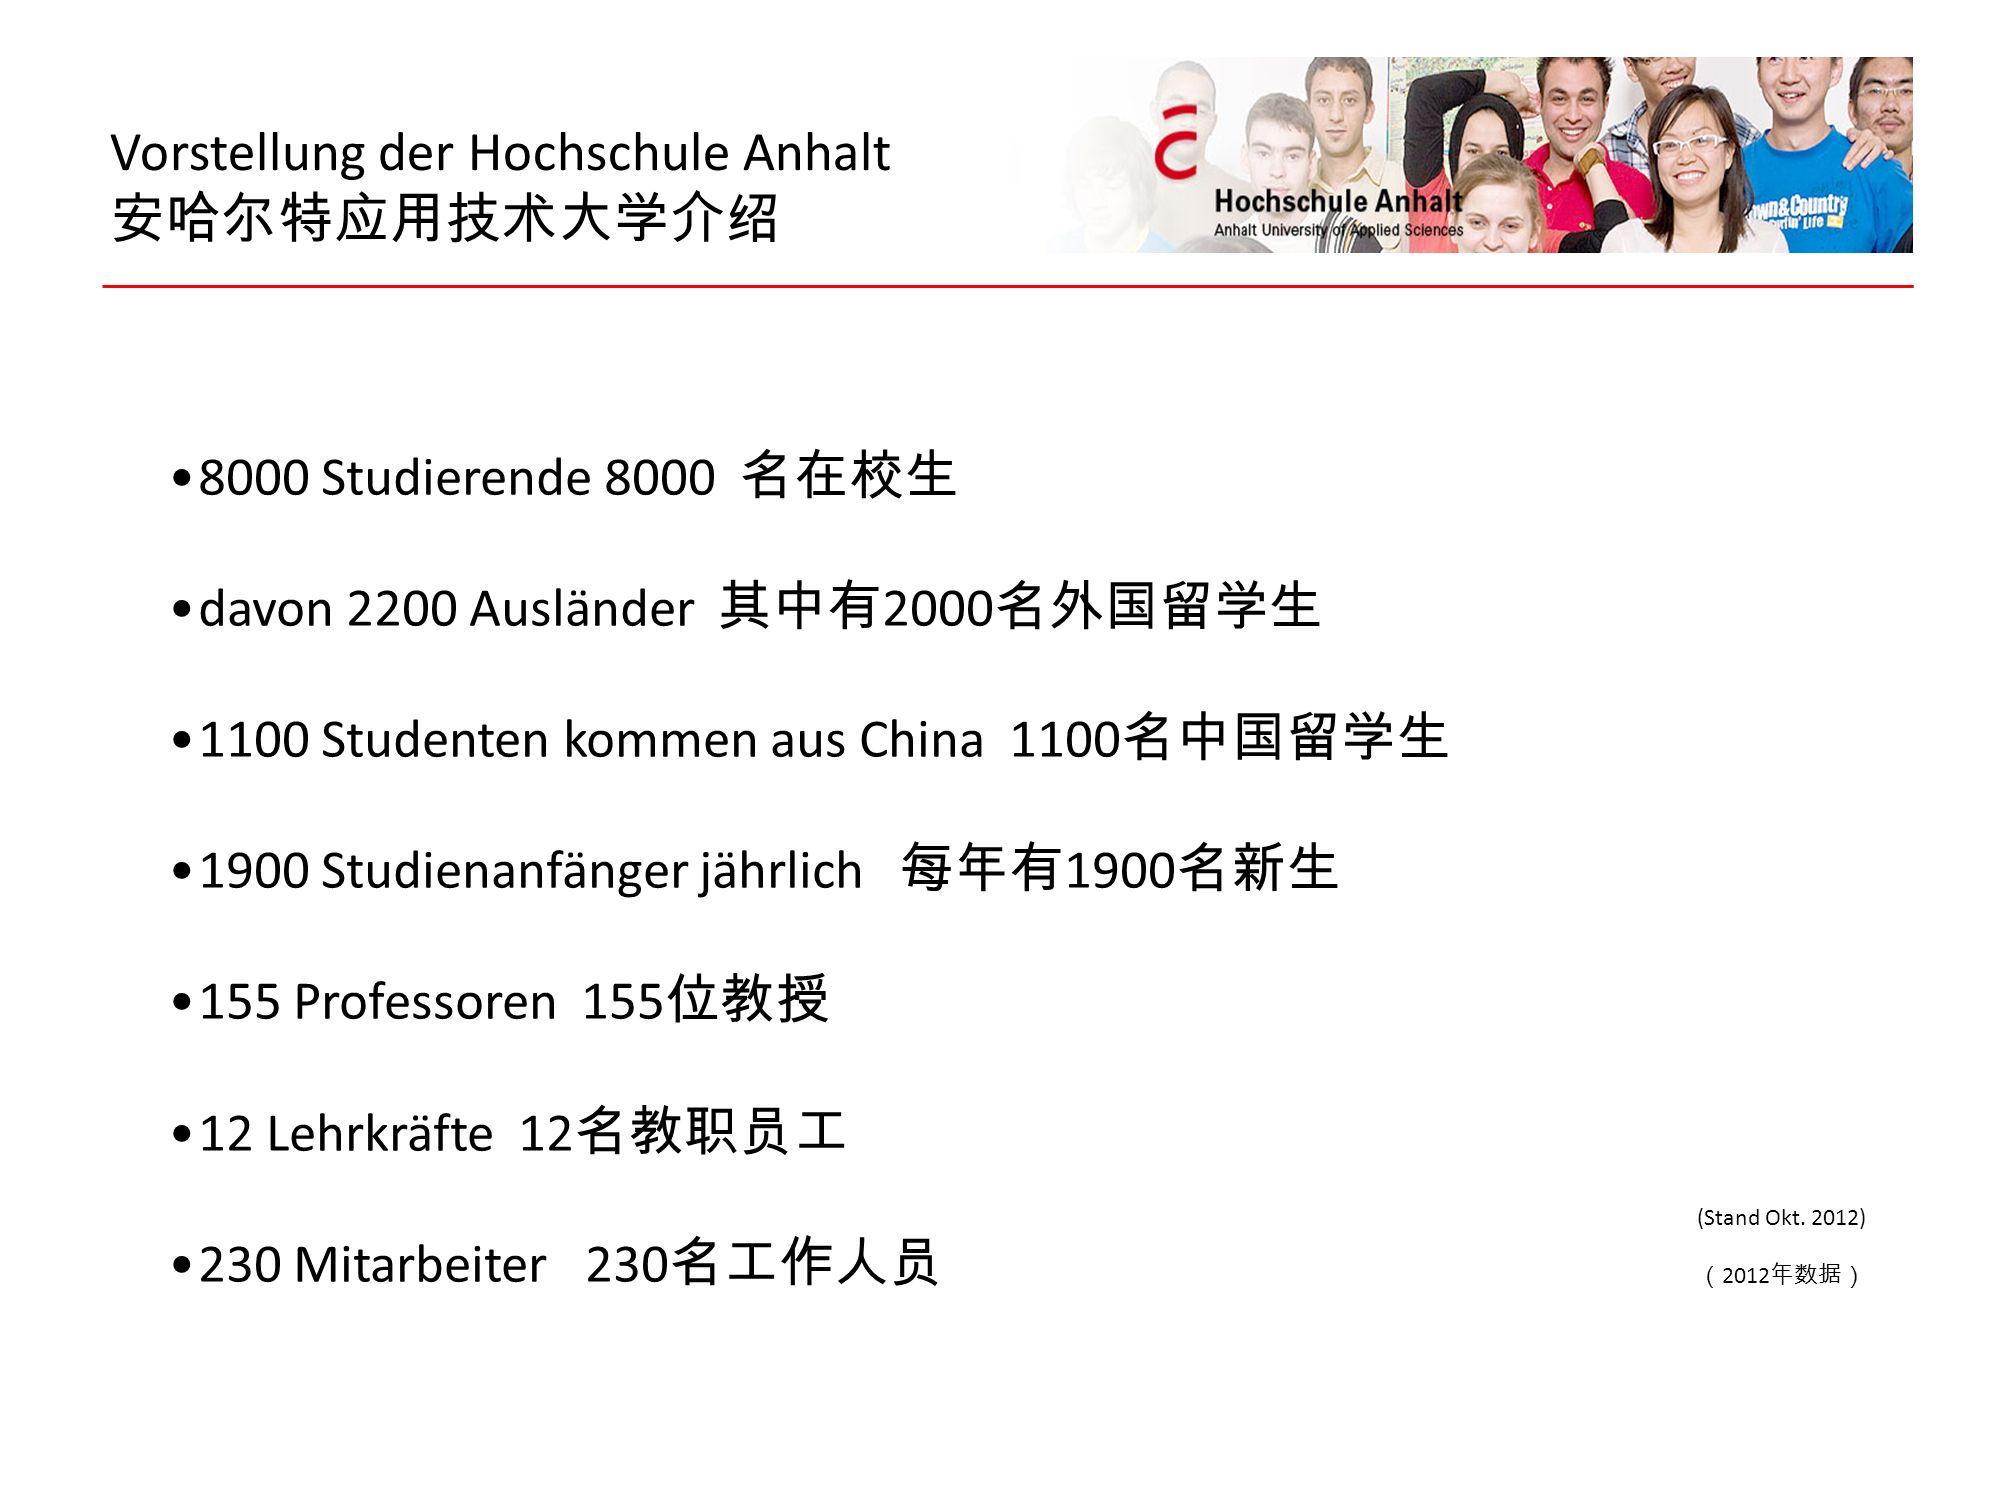 Vorstellung der Hochschule Anhalt 安哈尔特应用技术大学介绍 8000 Studierende 8000 名在校生 davon 2200 Ausländer 其中有 2000 名外国留学生 1100 Studenten kommen aus China 1100 名中